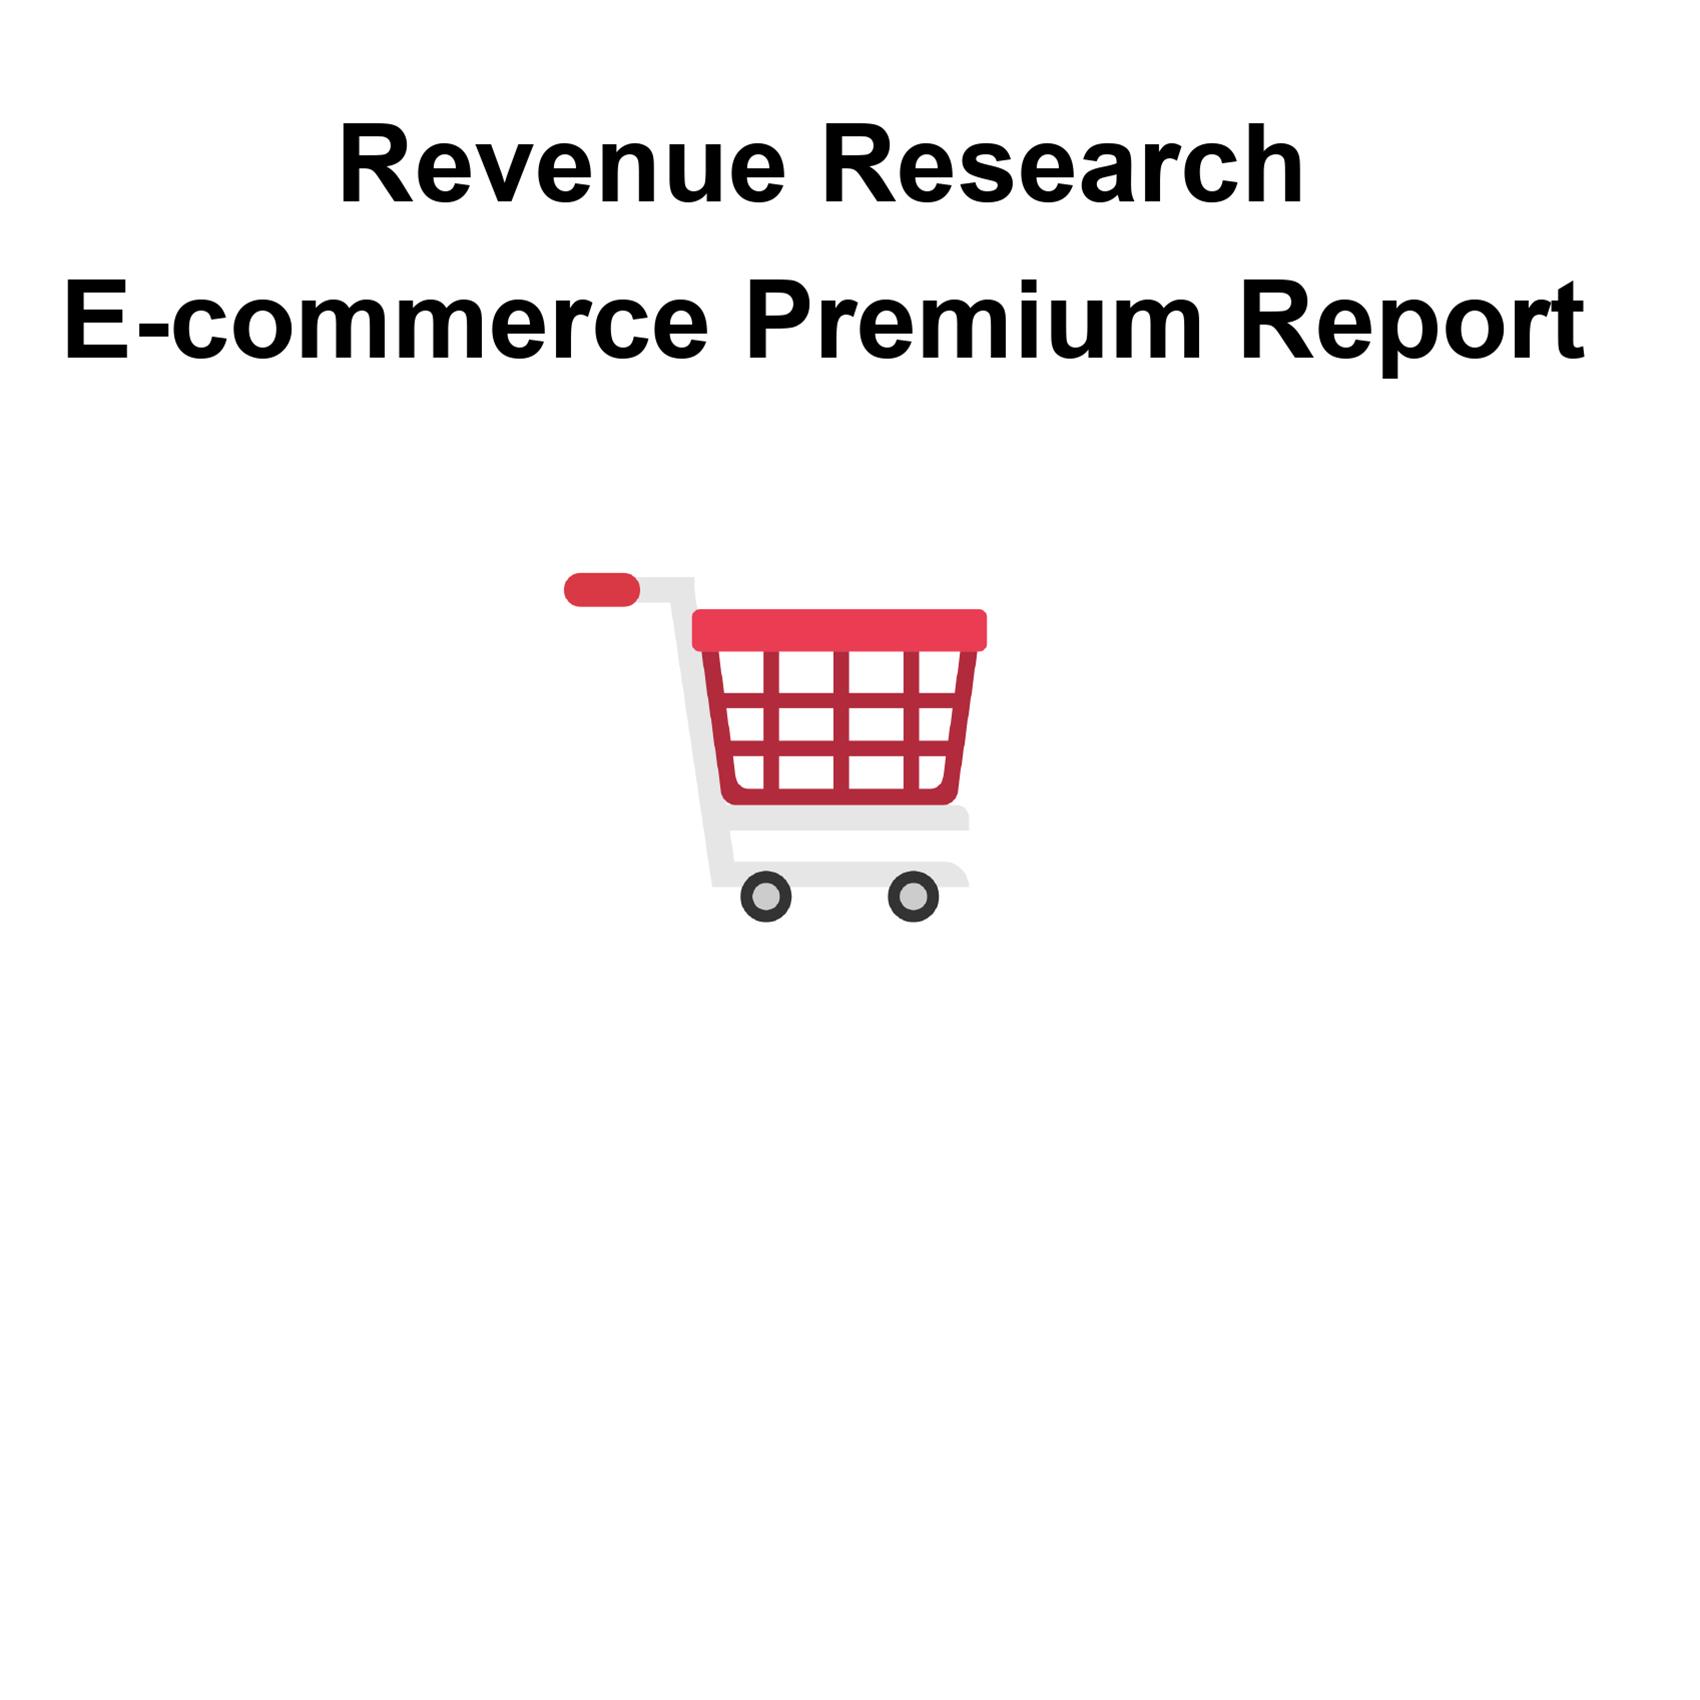 Revenue Research Premium Content Preview: E-commerce